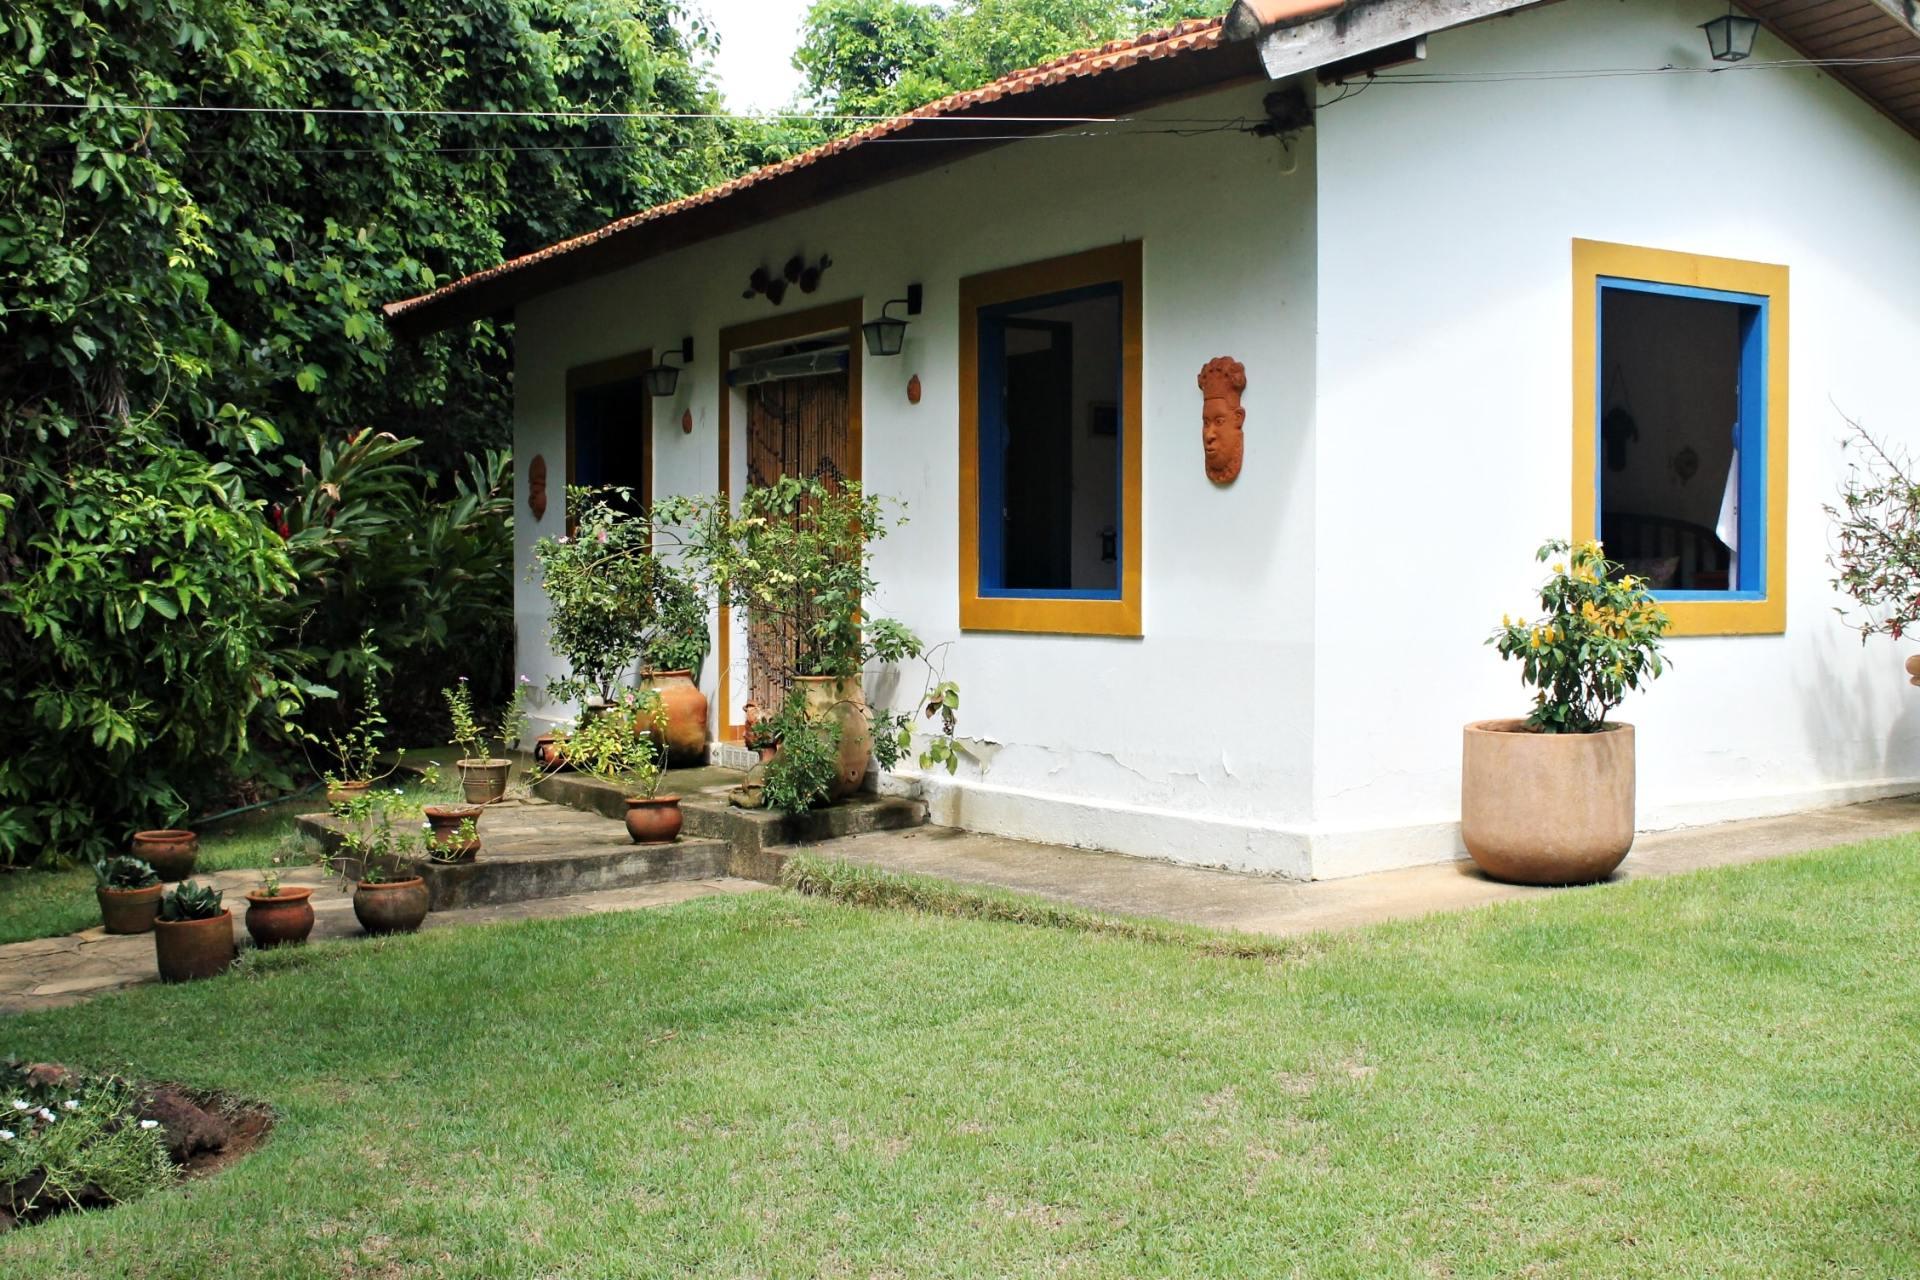 Casa de la tara e acasa